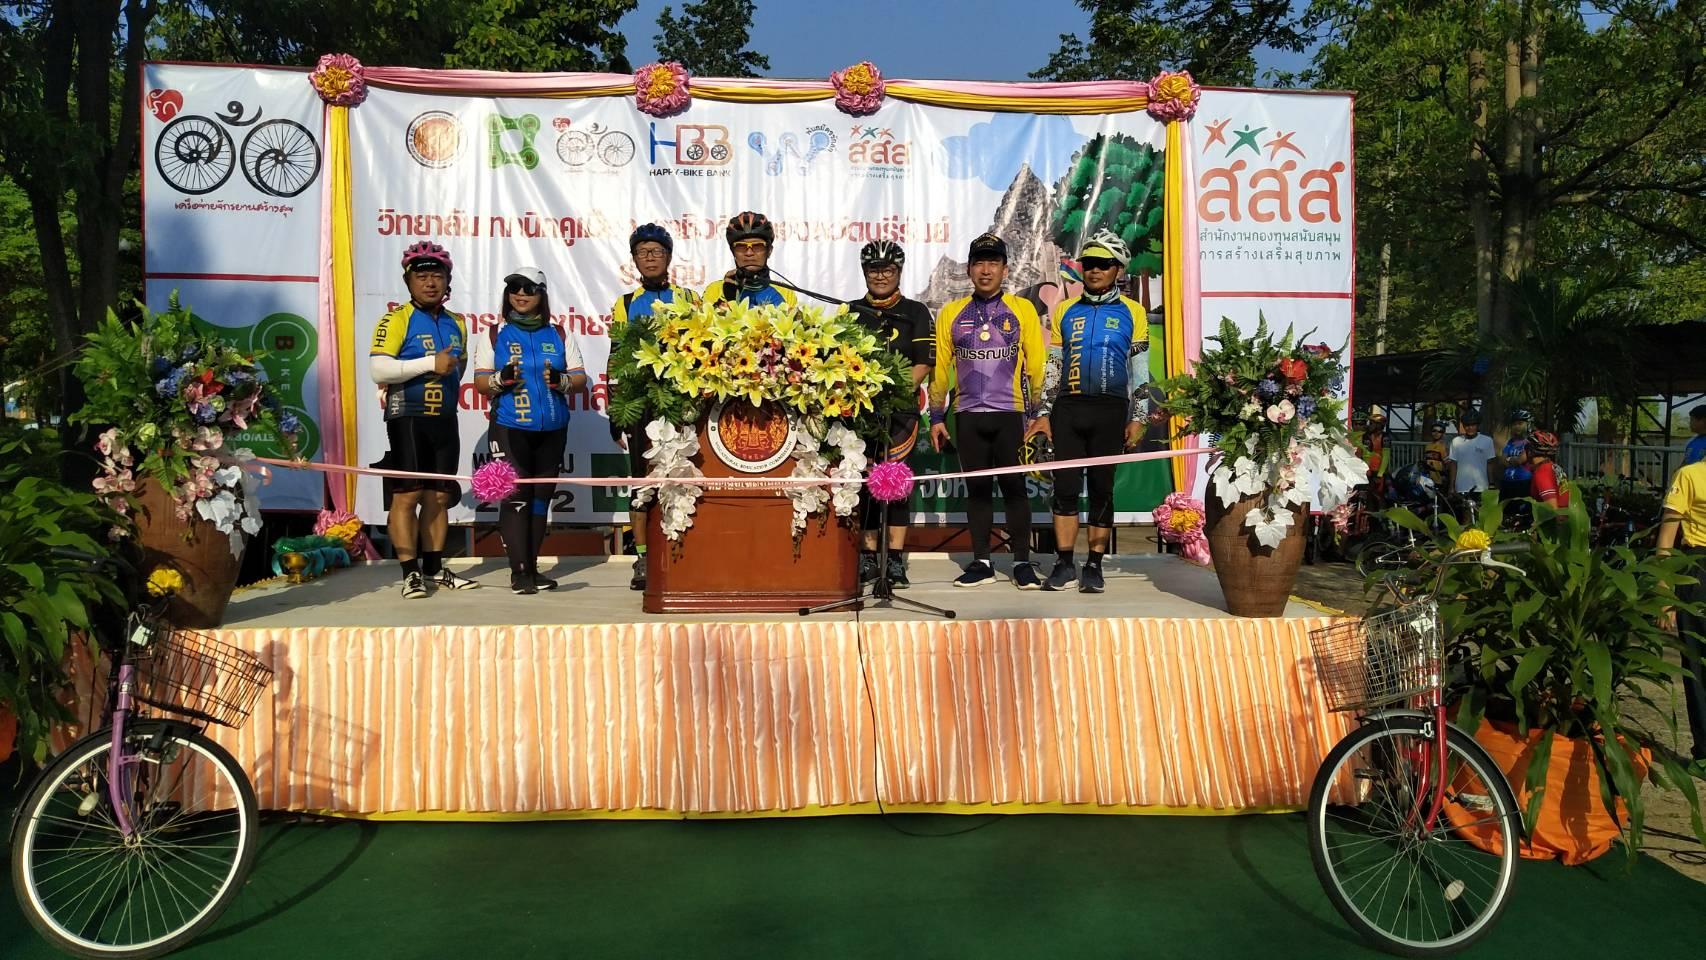 เปิดศูนย์รักล้อวิทยาลัยเทคนิคคูเมือง แห่งที่ 14 thaihealth